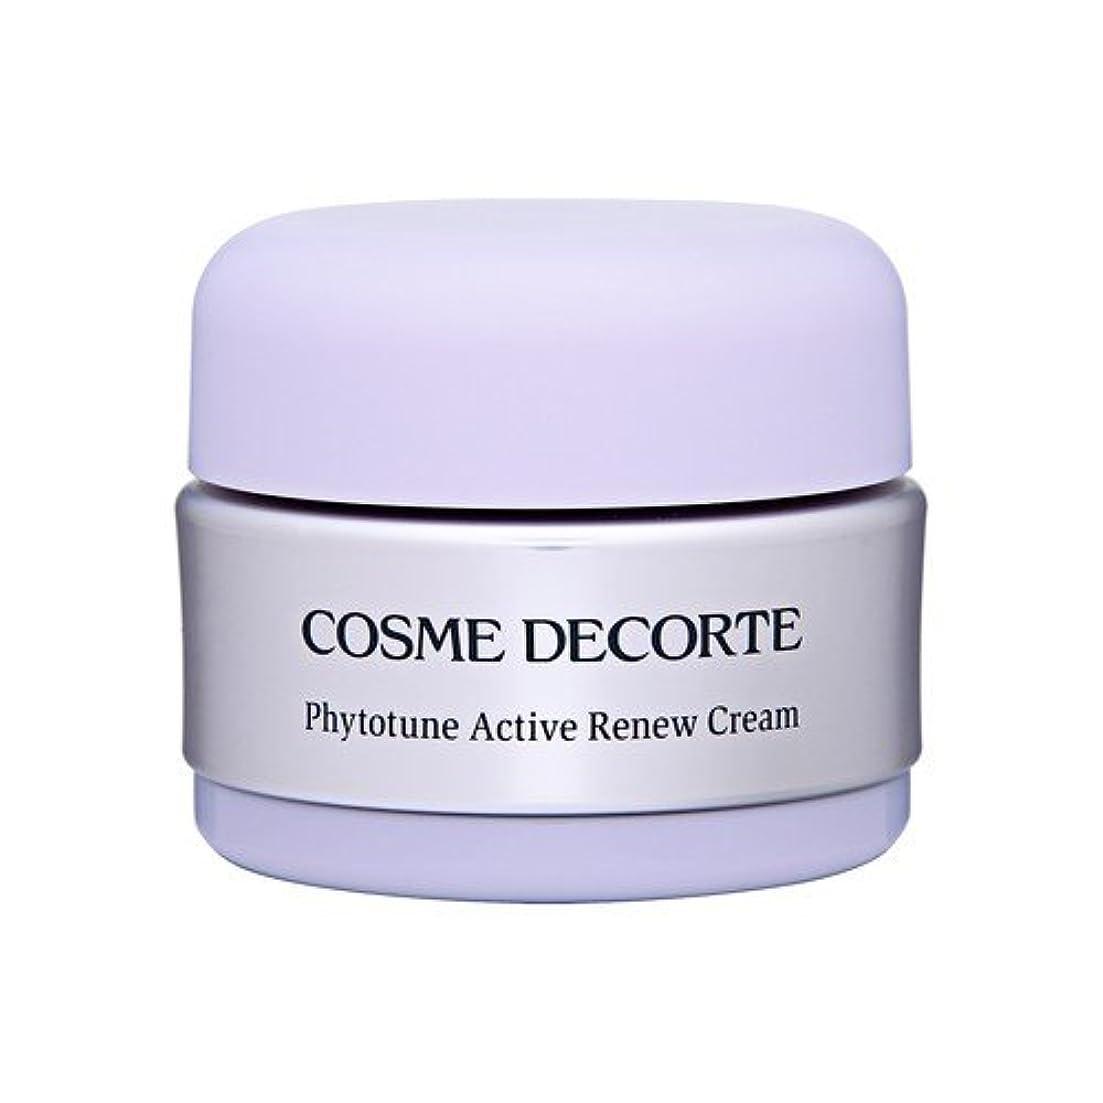 悪夢組許さないコスメ デコルテ(COSME DECORTE) フィトチューンアクティブリニュークリーム 30g [364491] [並行輸入品]